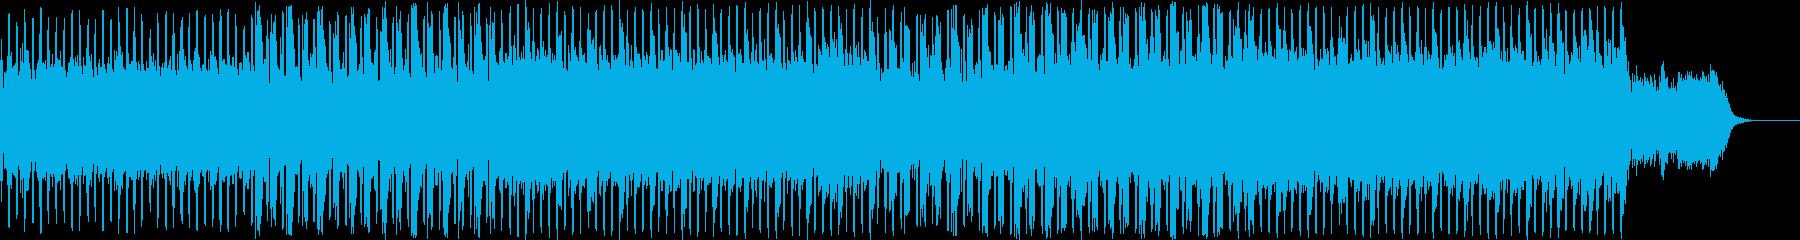 切なさとミニマルが交差するエモポップの再生済みの波形